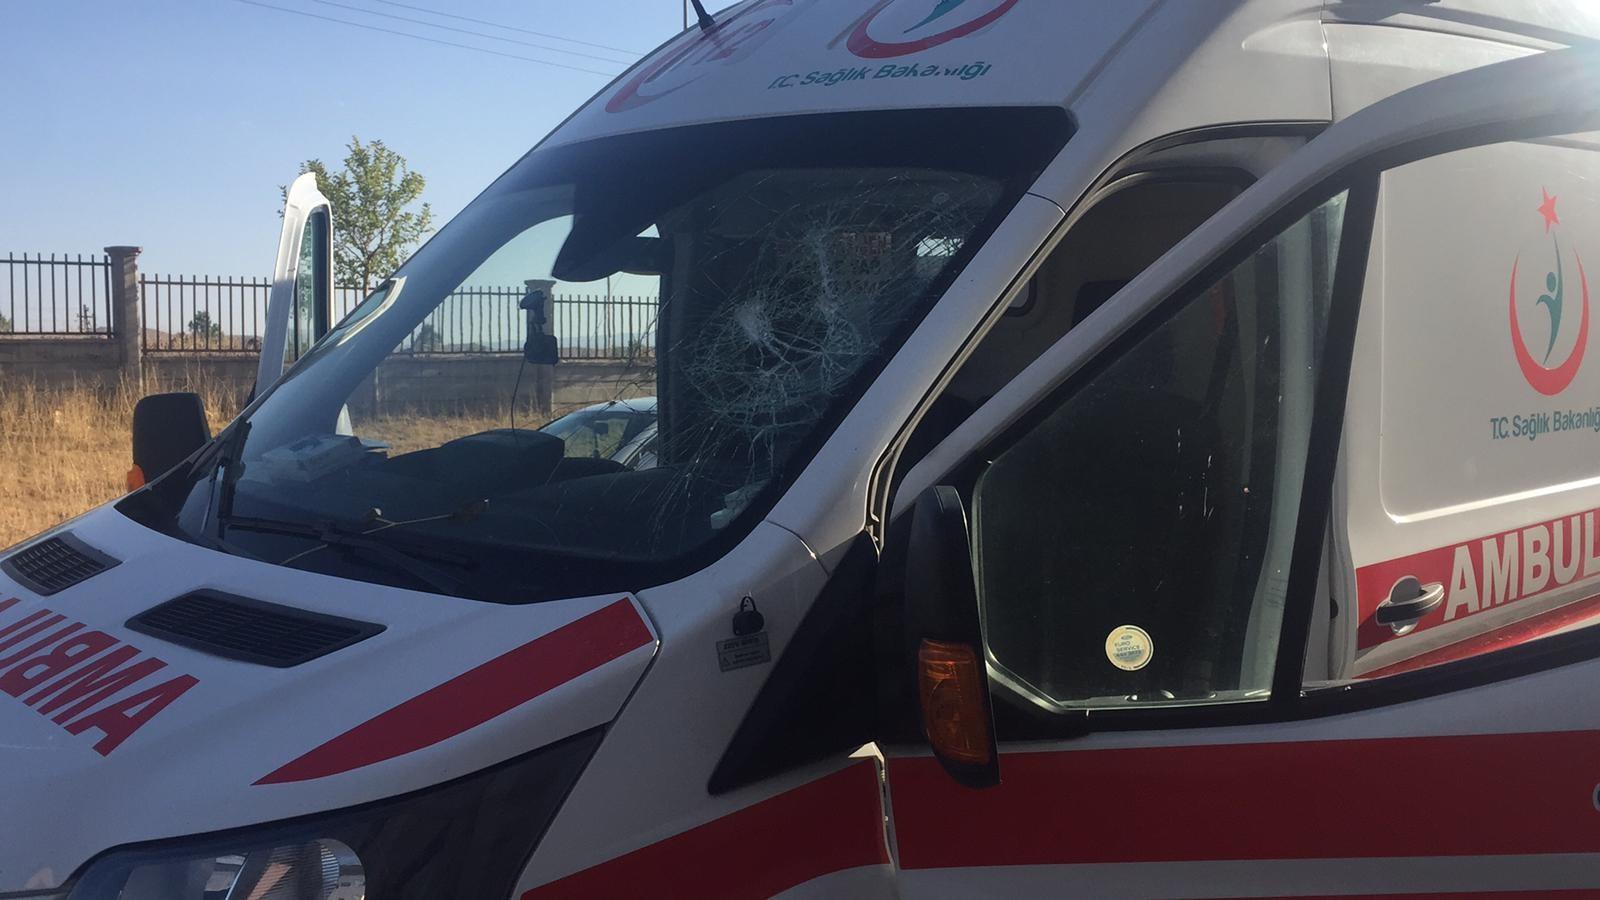 Yaralı almaya giden ambulansa yaralı yakınları saldırdı